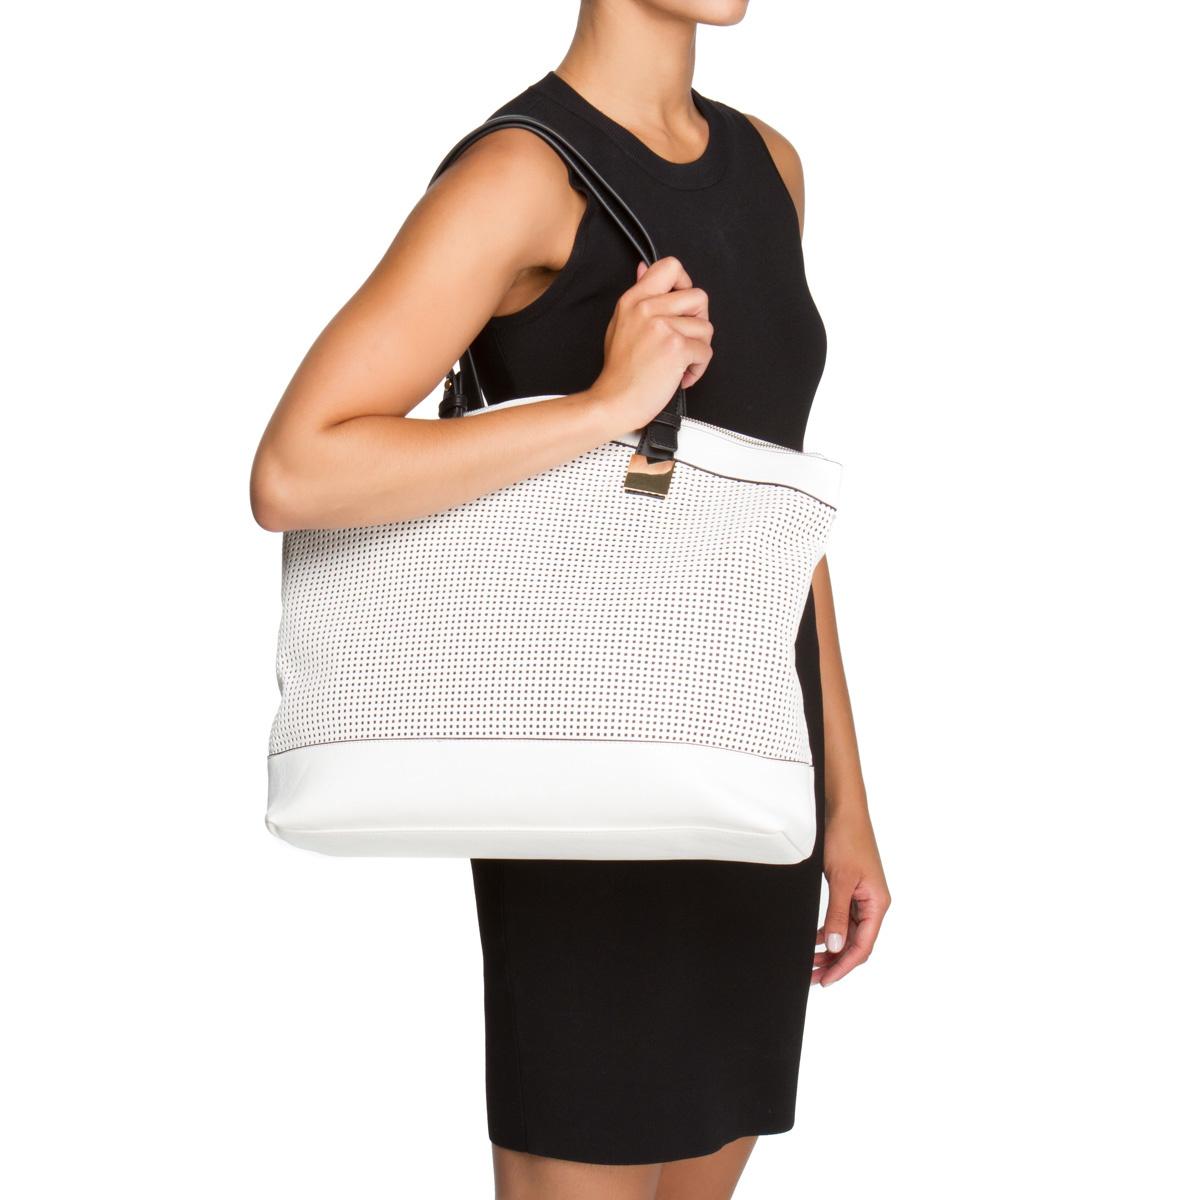 paden women В первые 9 месяцев финансового года чистая прибыль шведского бренда h&m снизилась на 25.